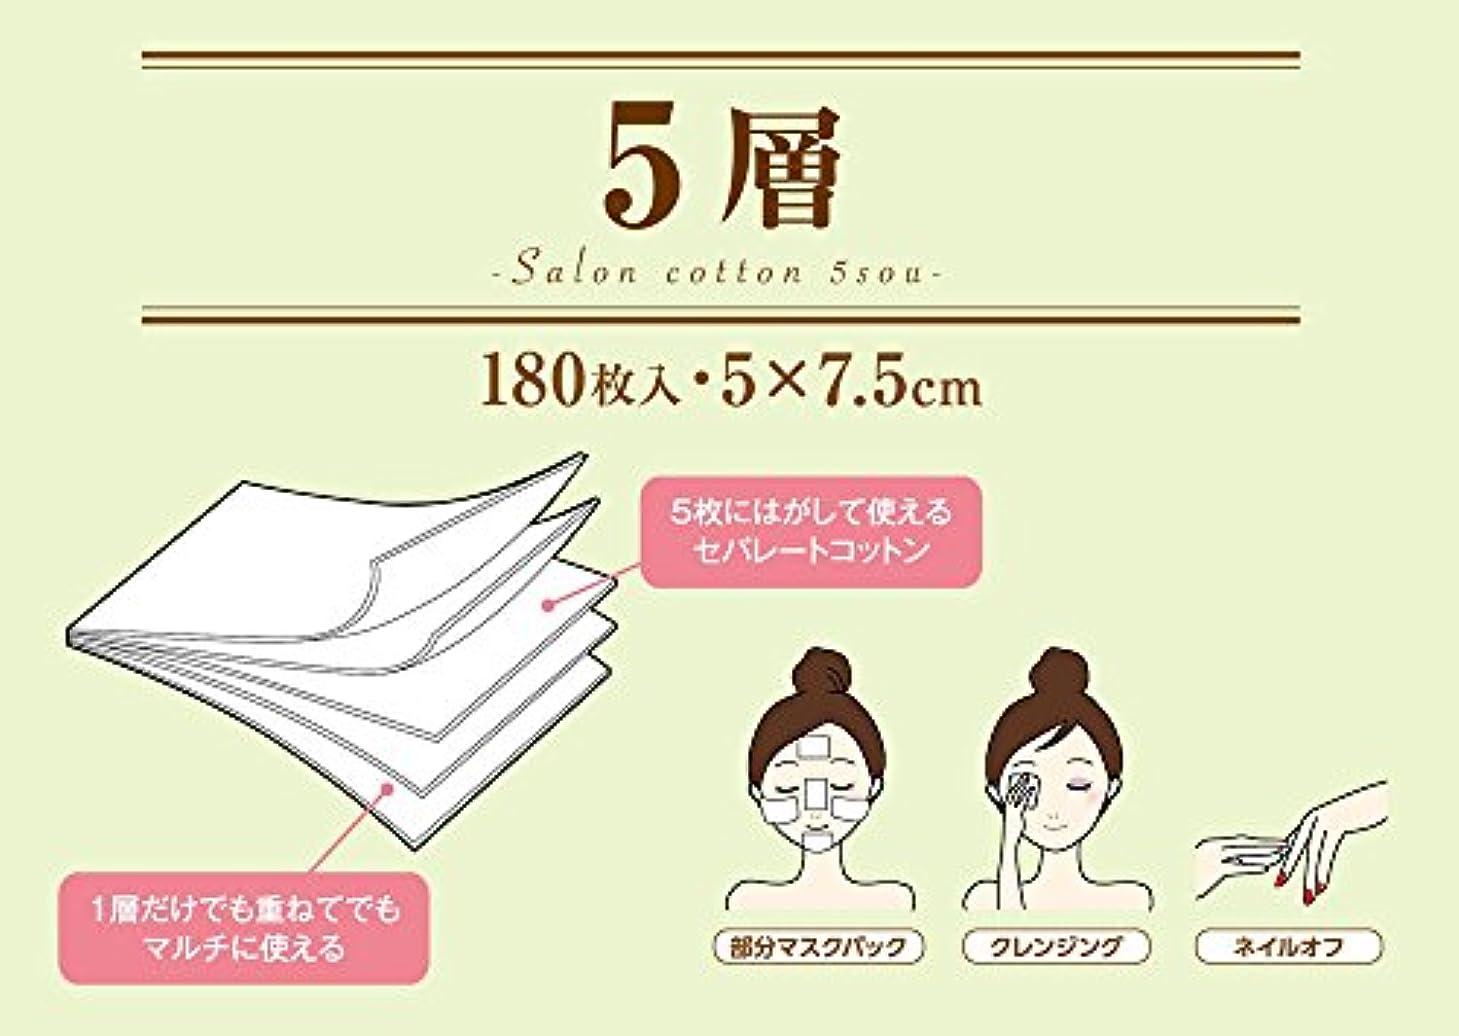 柔らかい足両方仕方業務用 コットンパフ (5×7.5cm 180枚入 箱入り) はがして使える サロンコットン5層